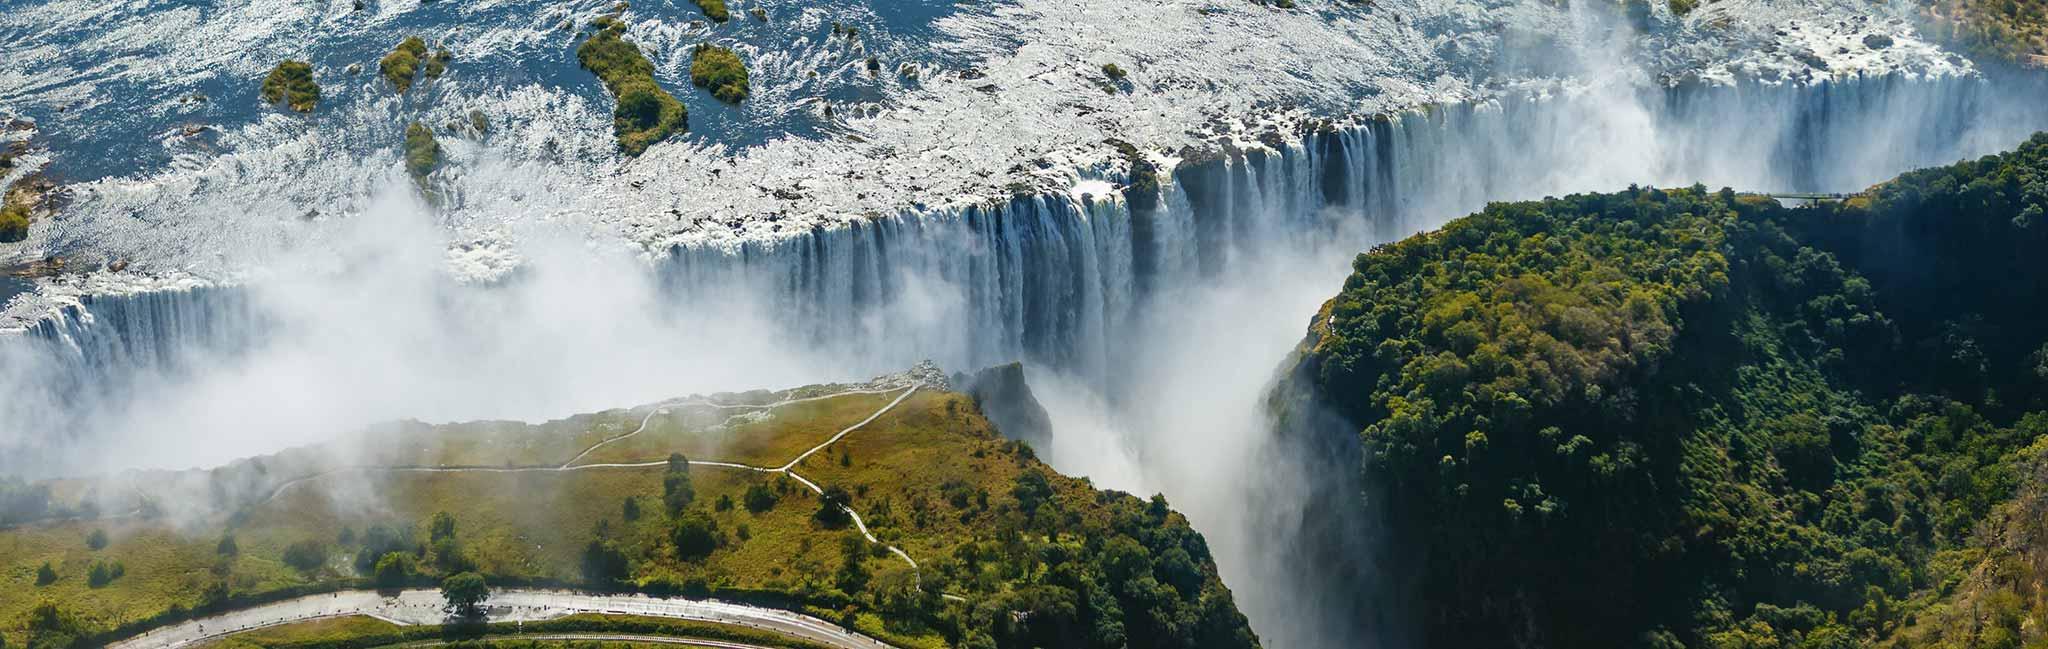 Zambia Safaris - Victoria Falls